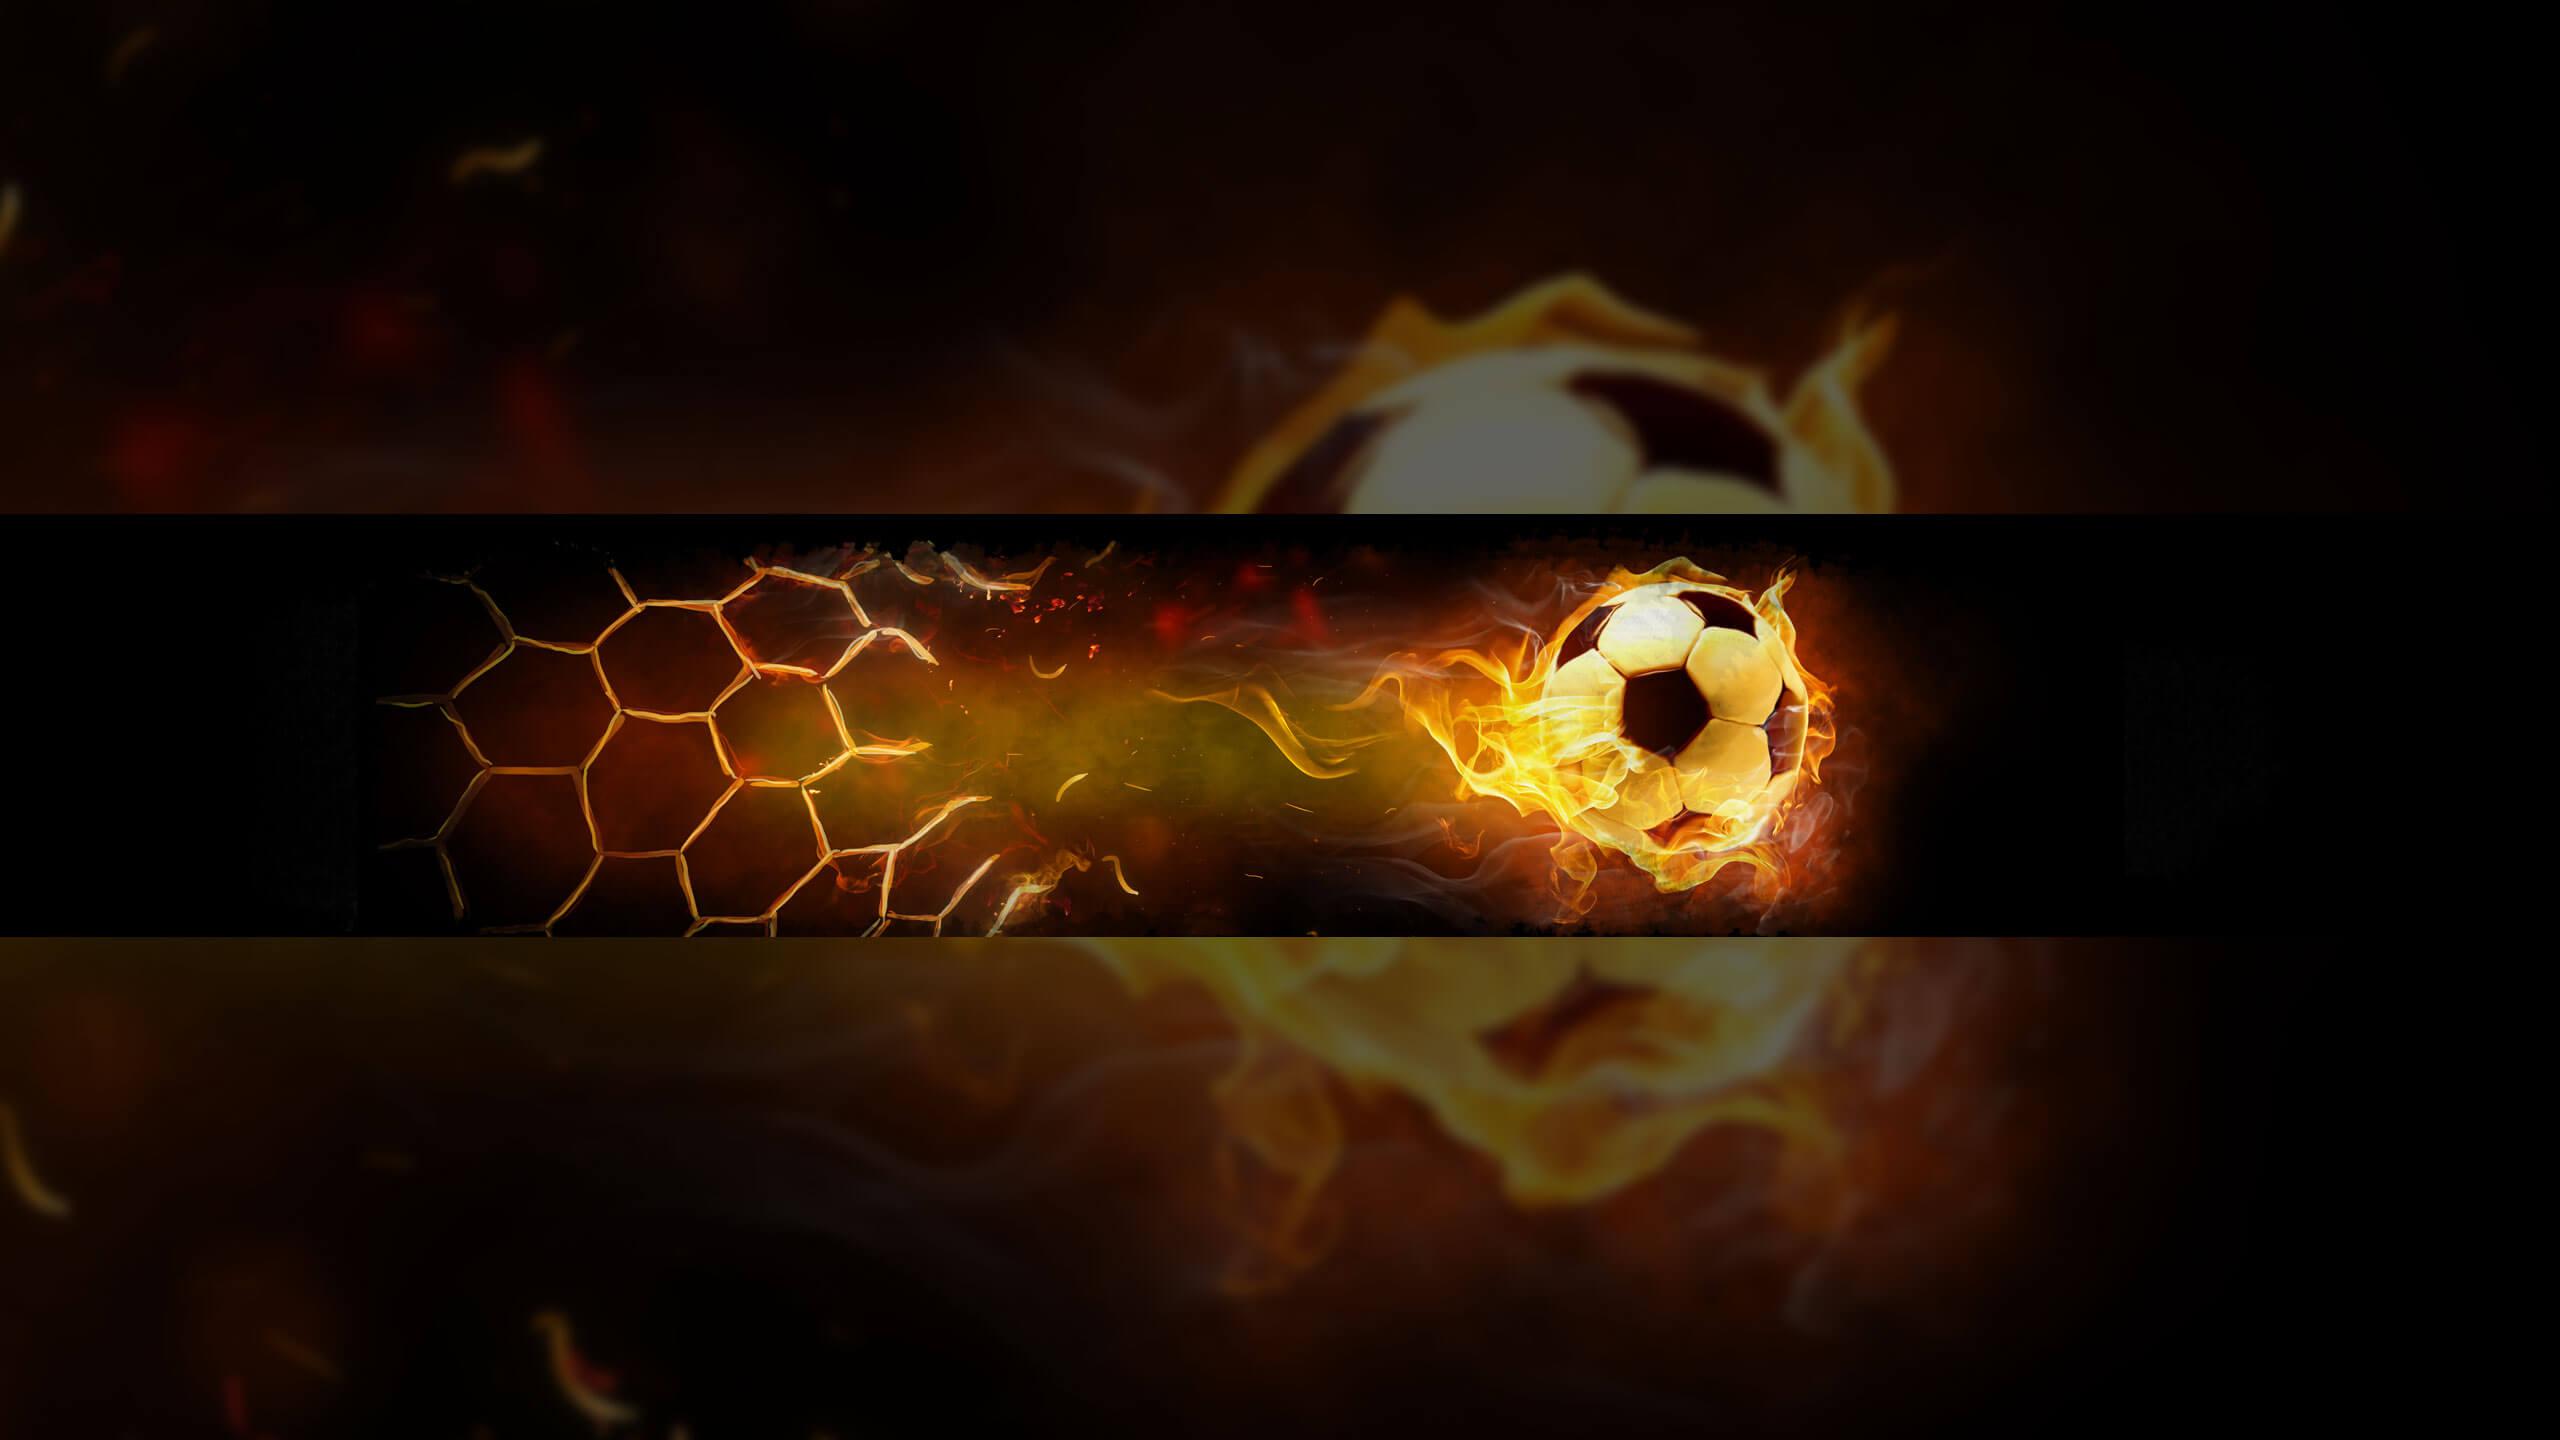 Картинка для баннера на ютуб с огненным футбольным мячом.